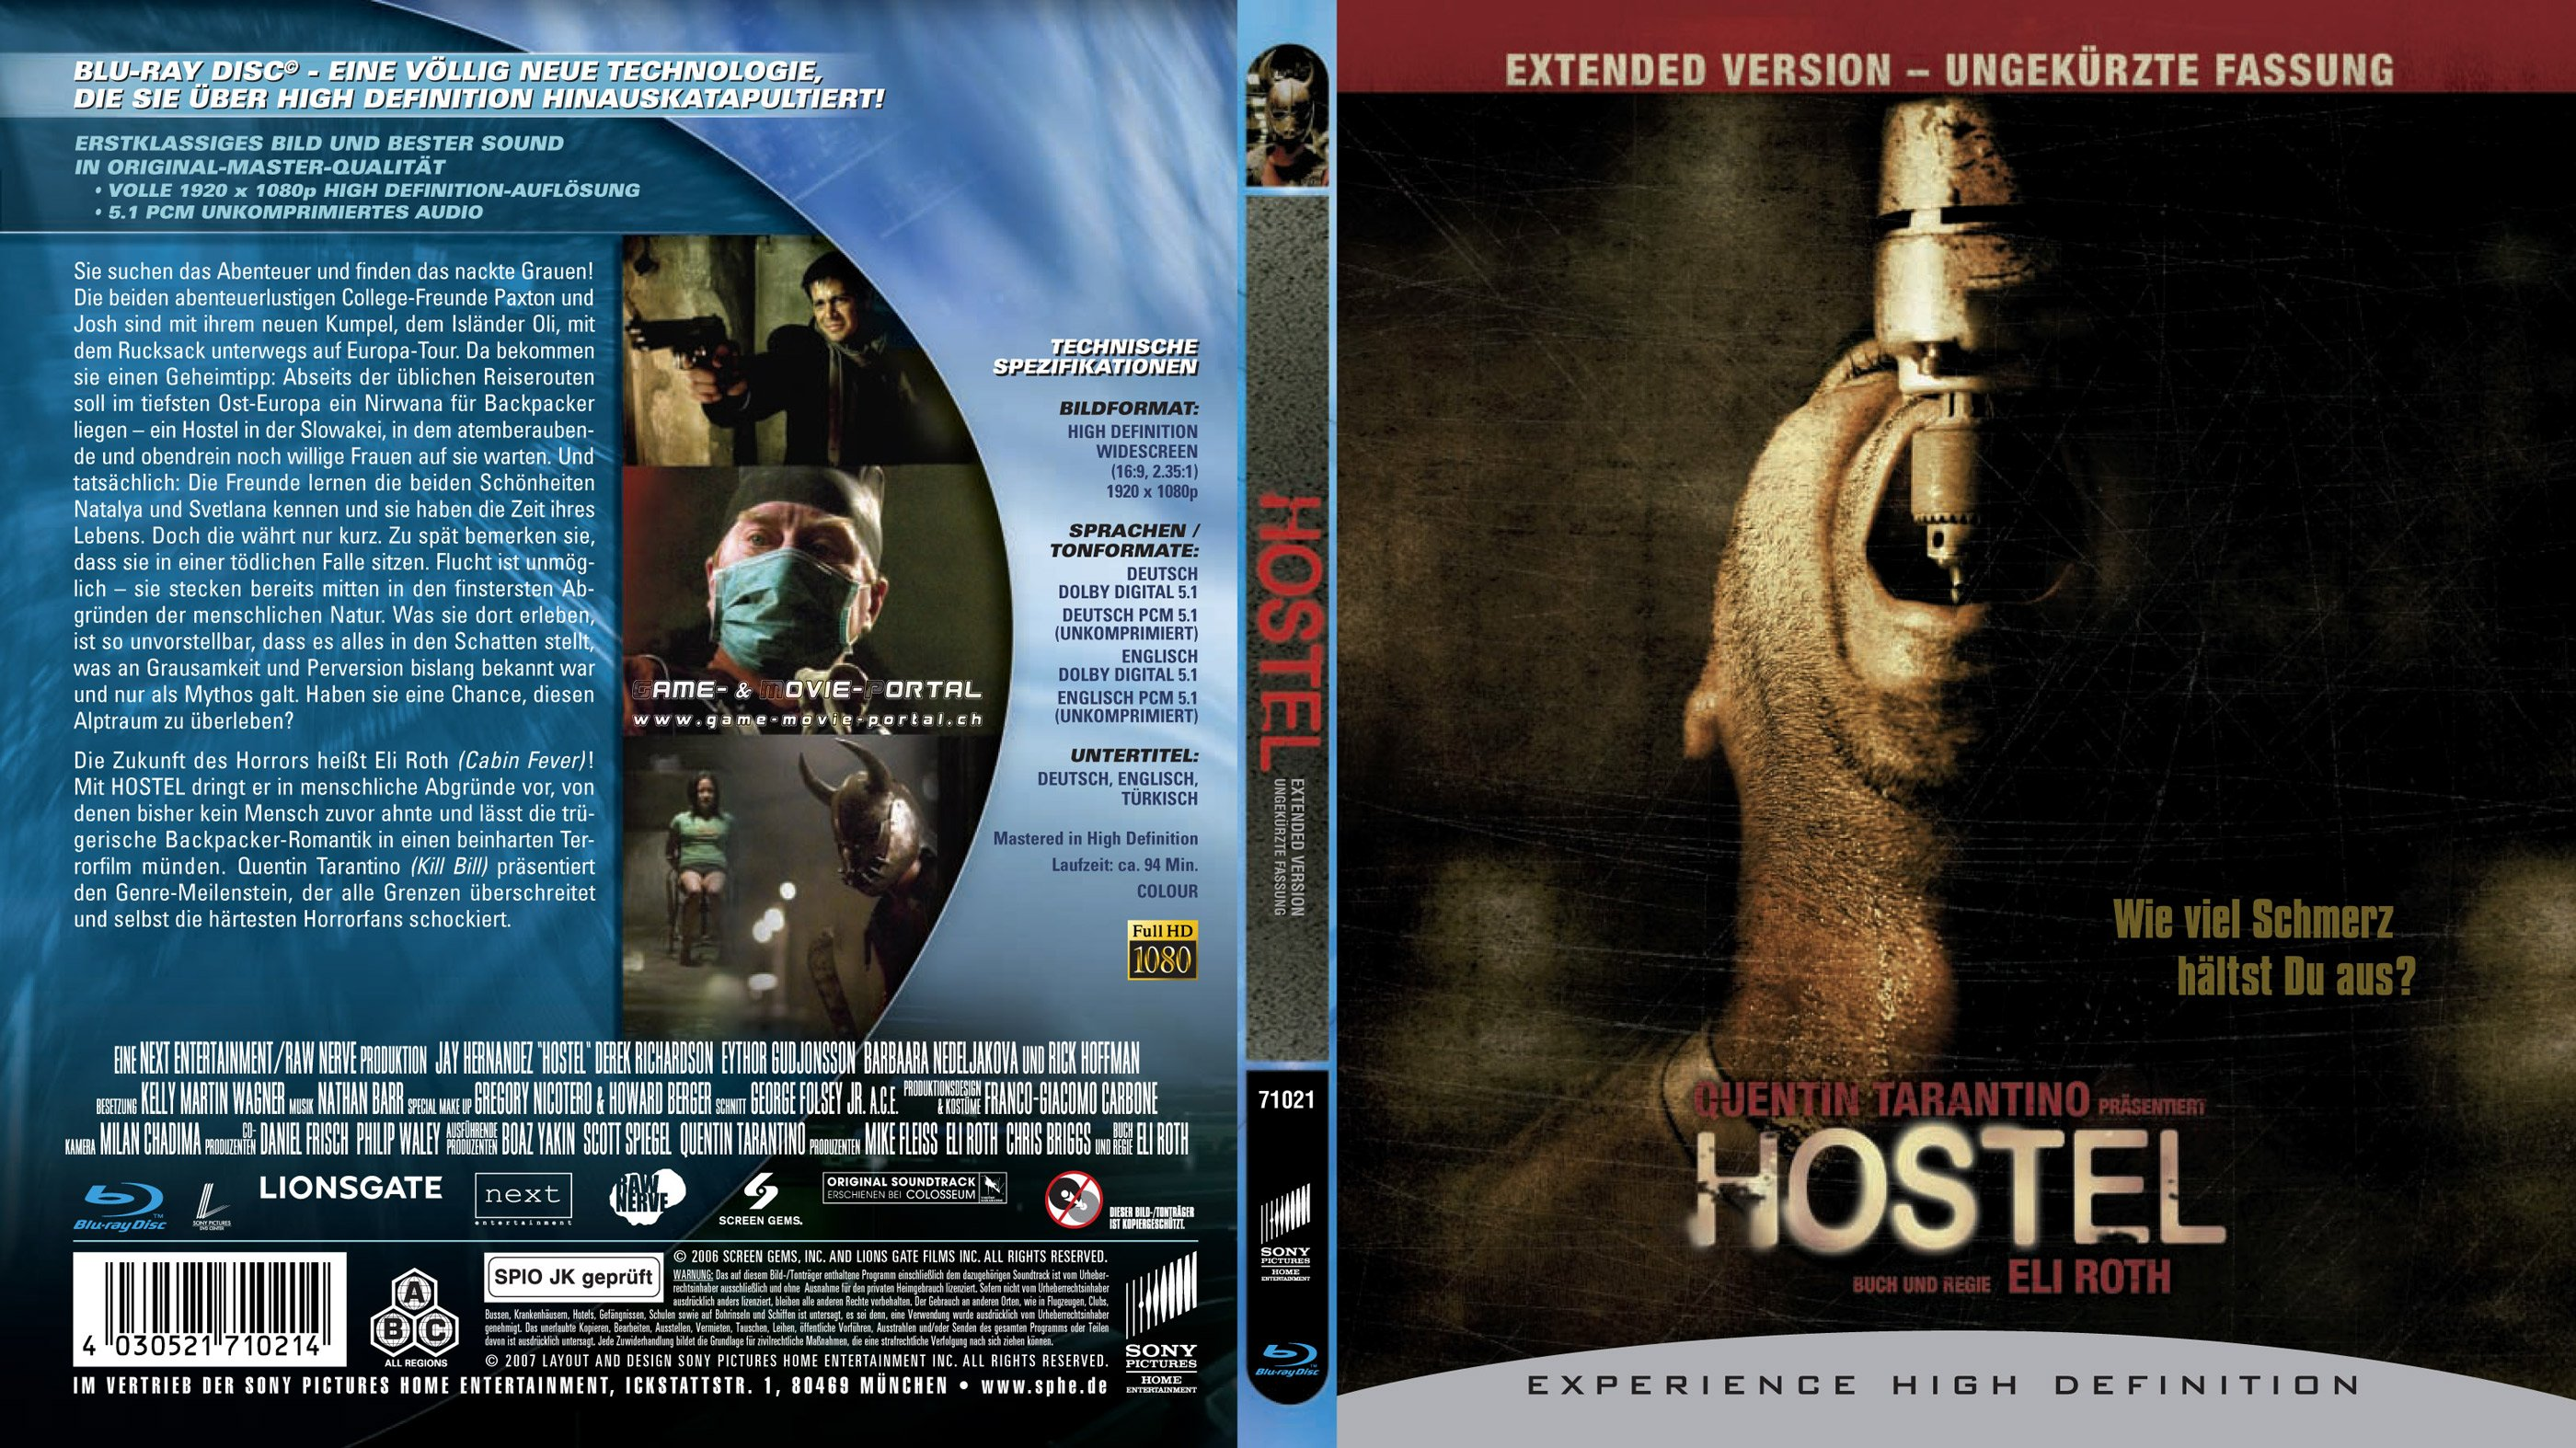 Hostel blu ray cover german | German DVD Covers